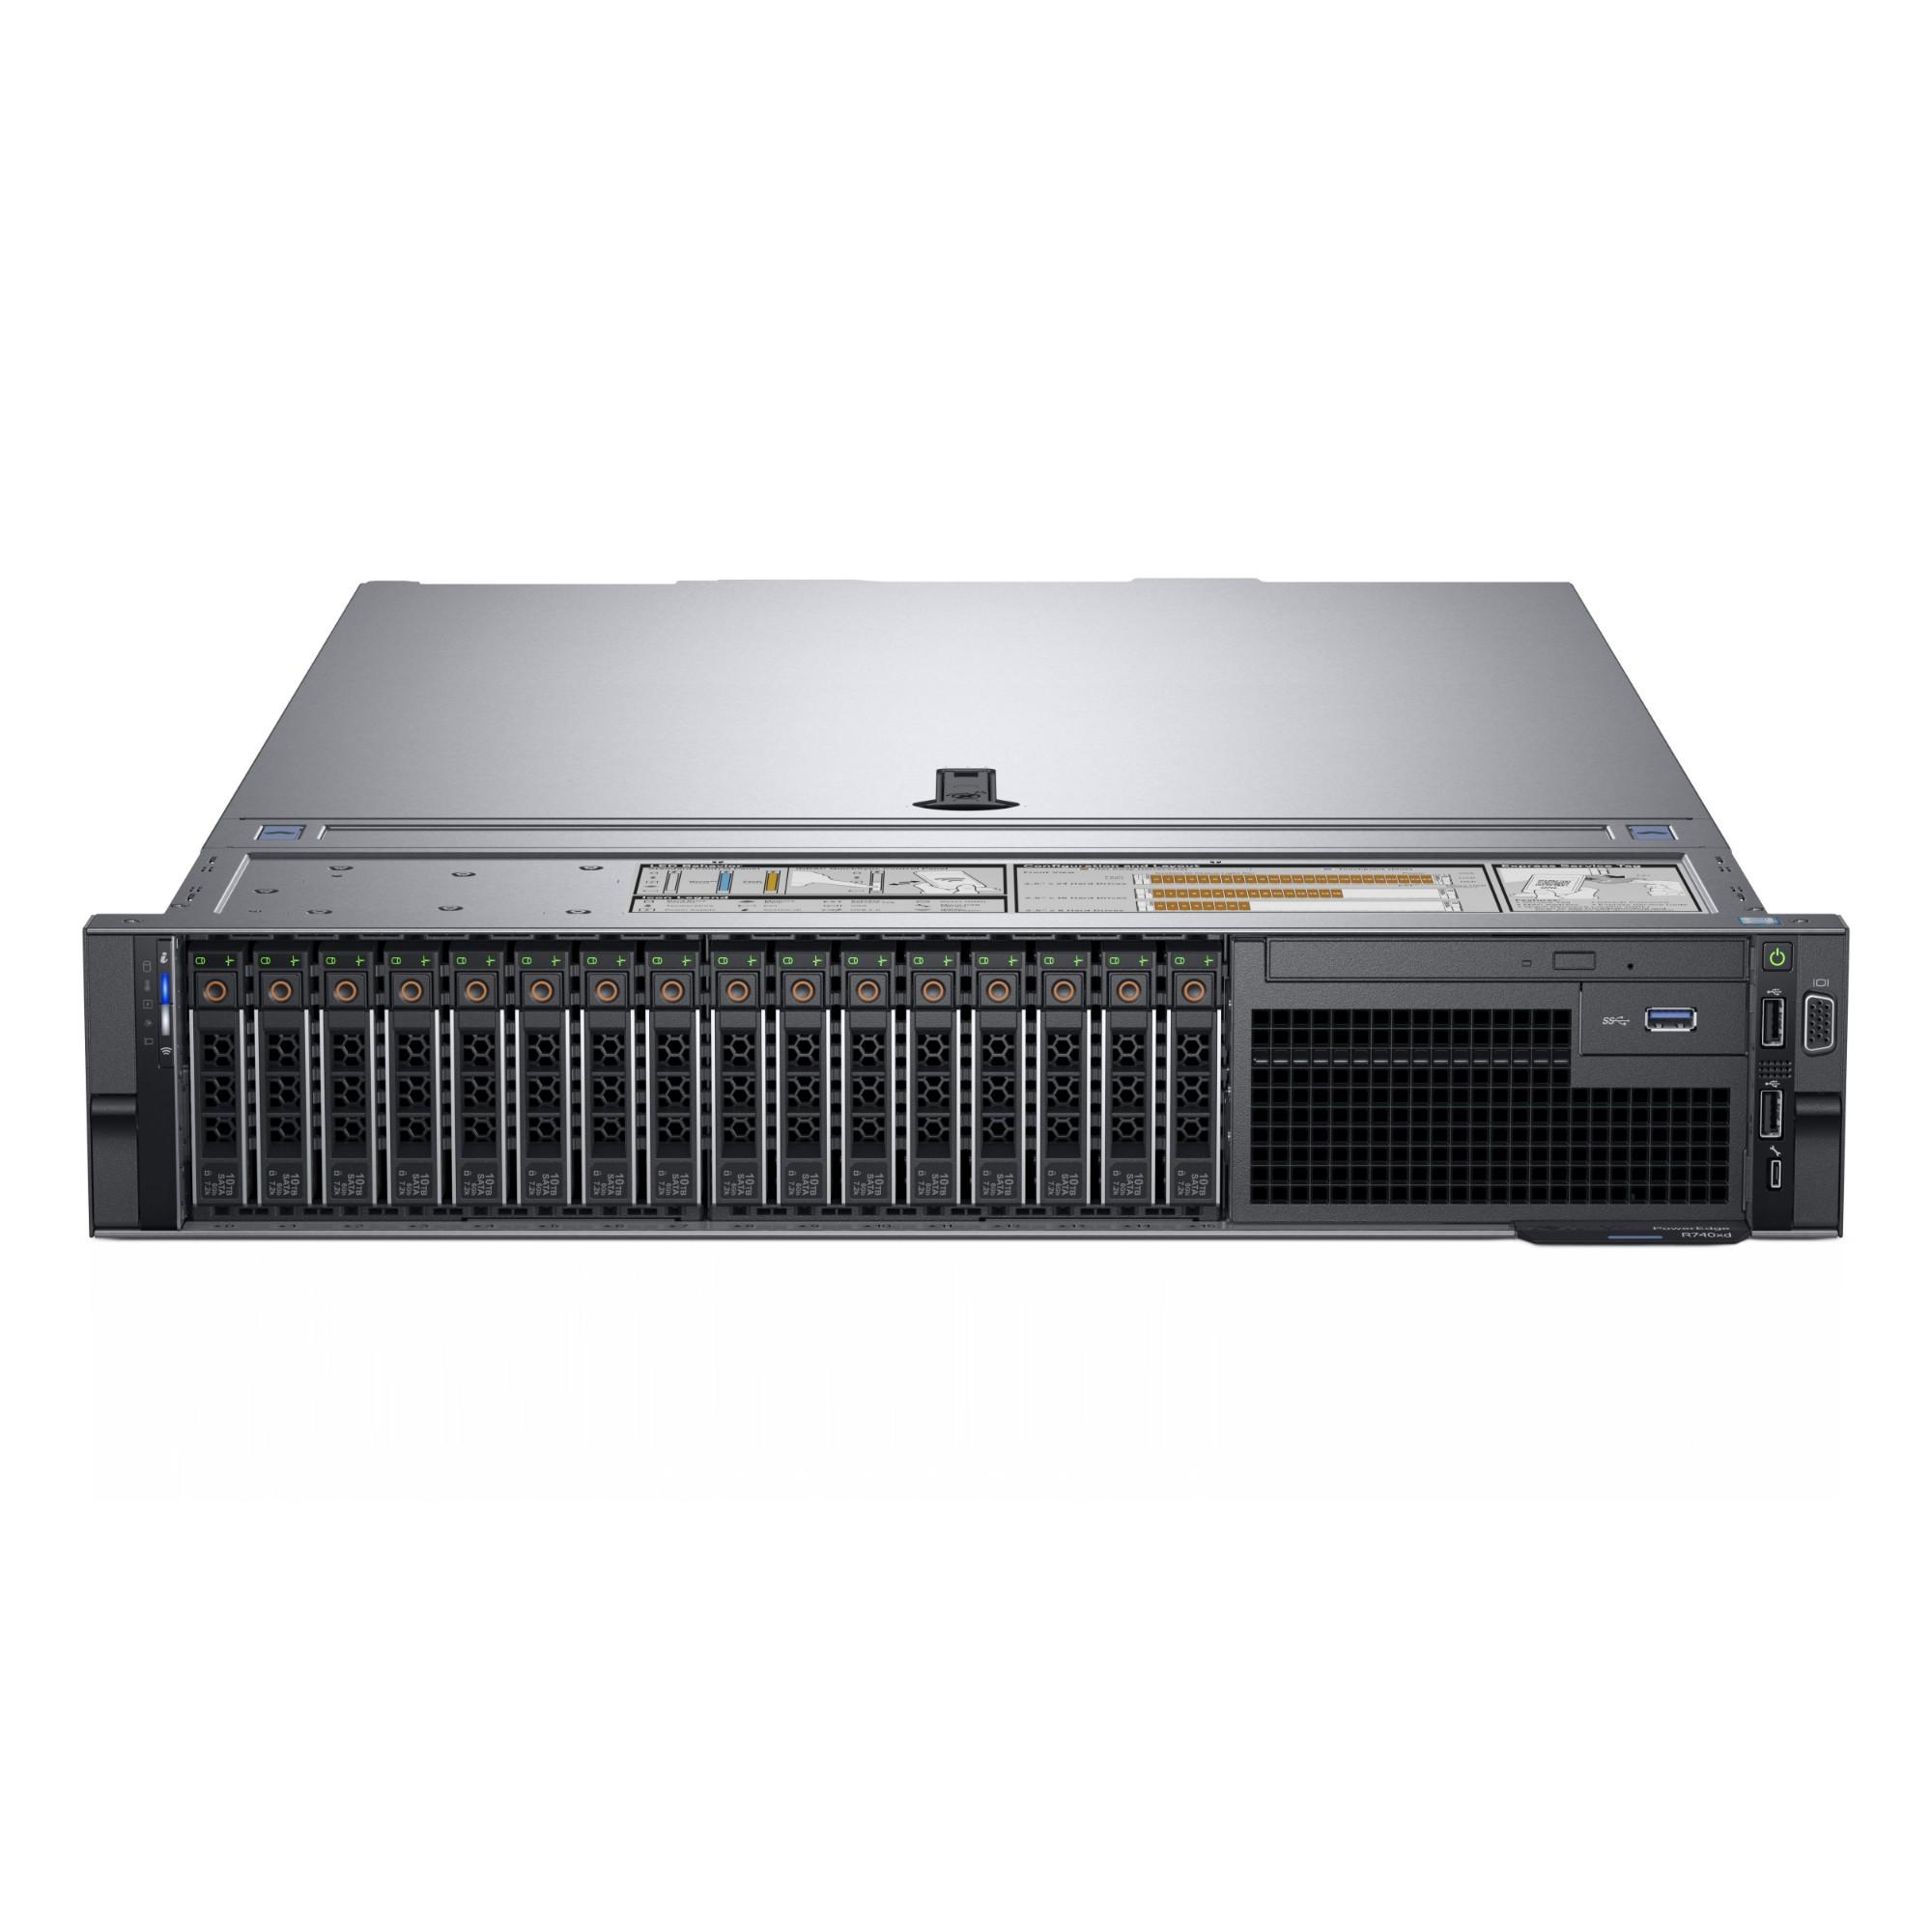 DELL PowerEdge R740 server 2 2 GHz Intel Xeon Silver 4114 Rack (2U) 750 W